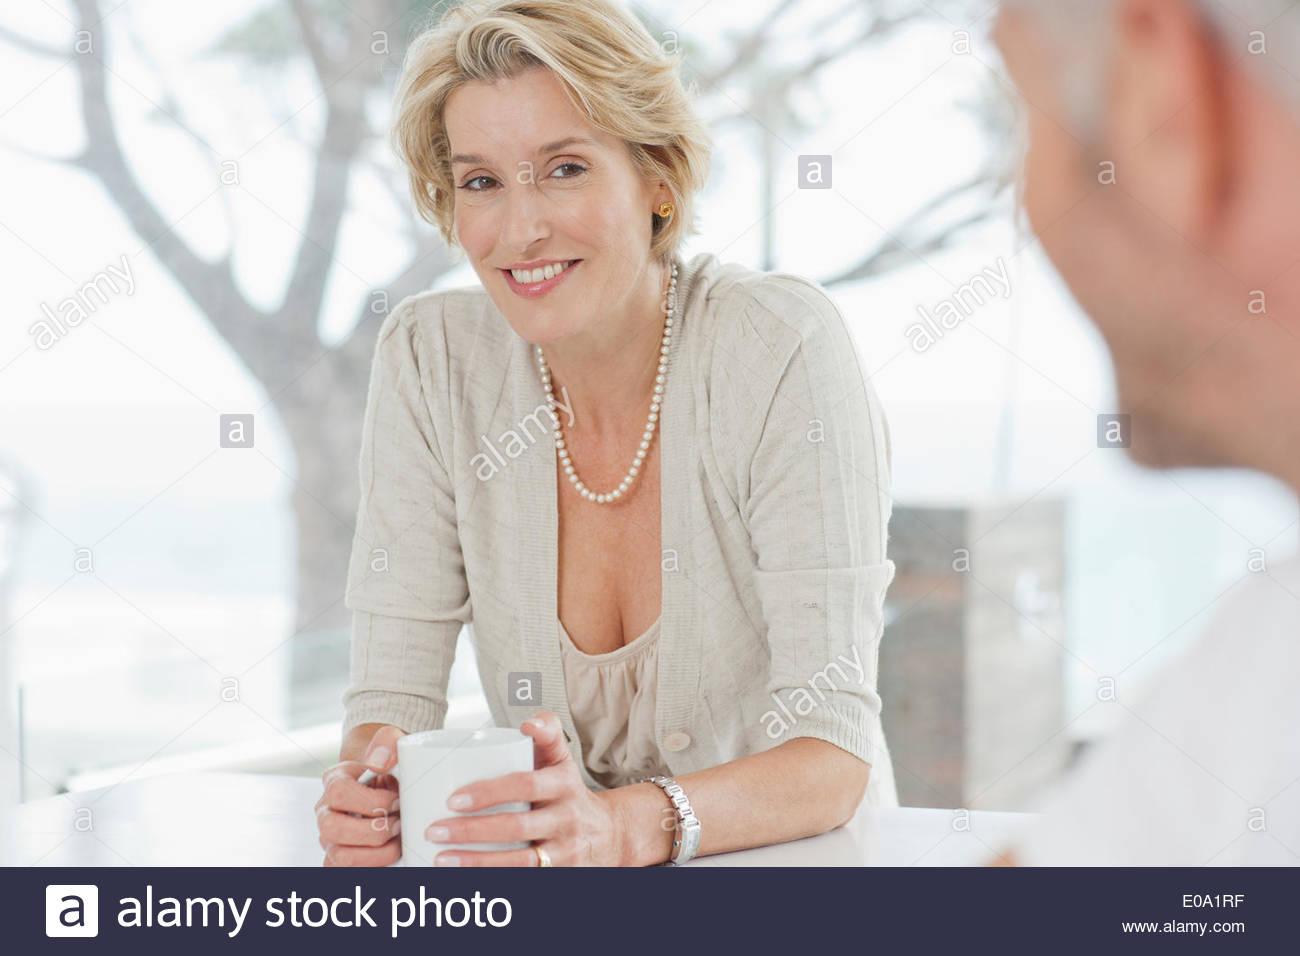 Coppia matura di bere caffè insieme Immagini Stock